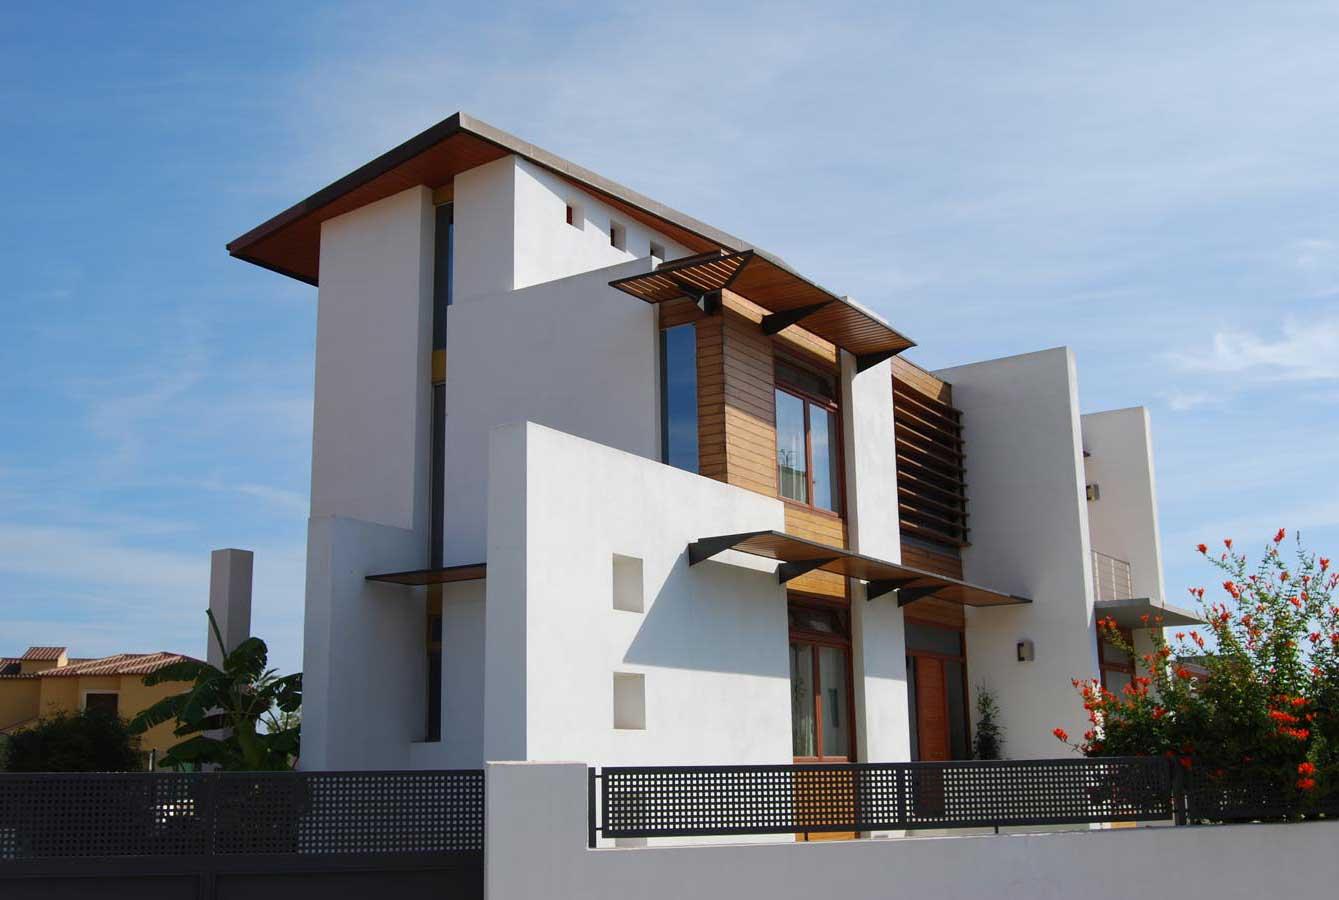 Купить участок для строительства дома в валенсии